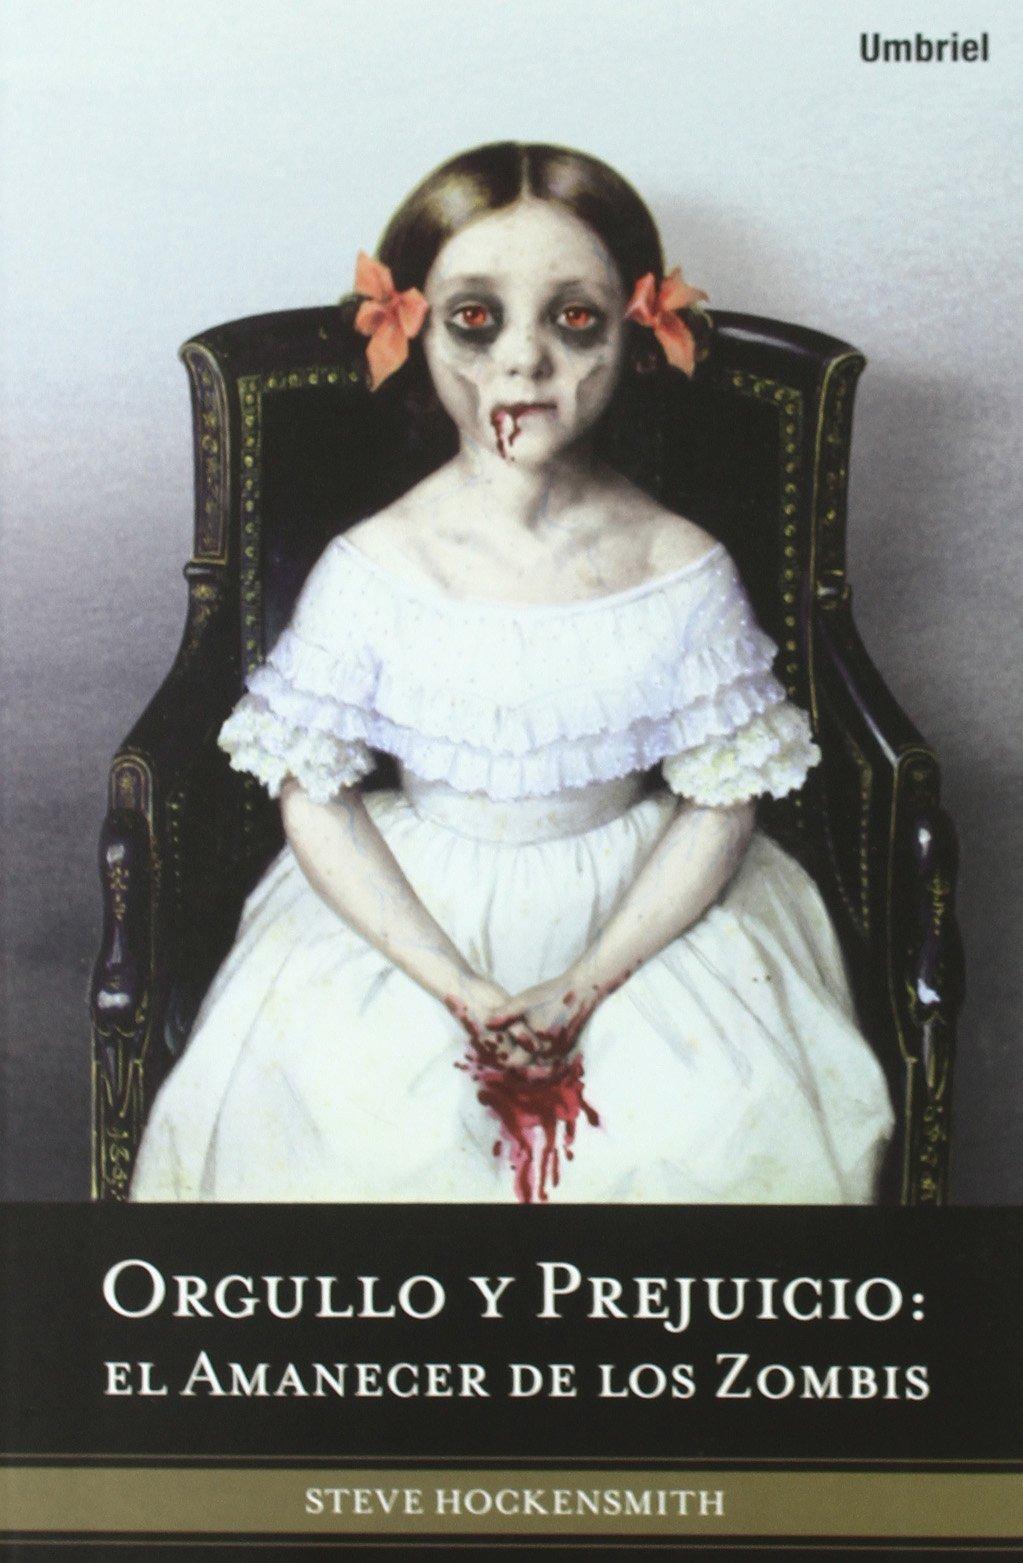 Orgullo y prejuicio: el amanecer de los zombis (Spanish Edition) (Umbriel Fantasia)